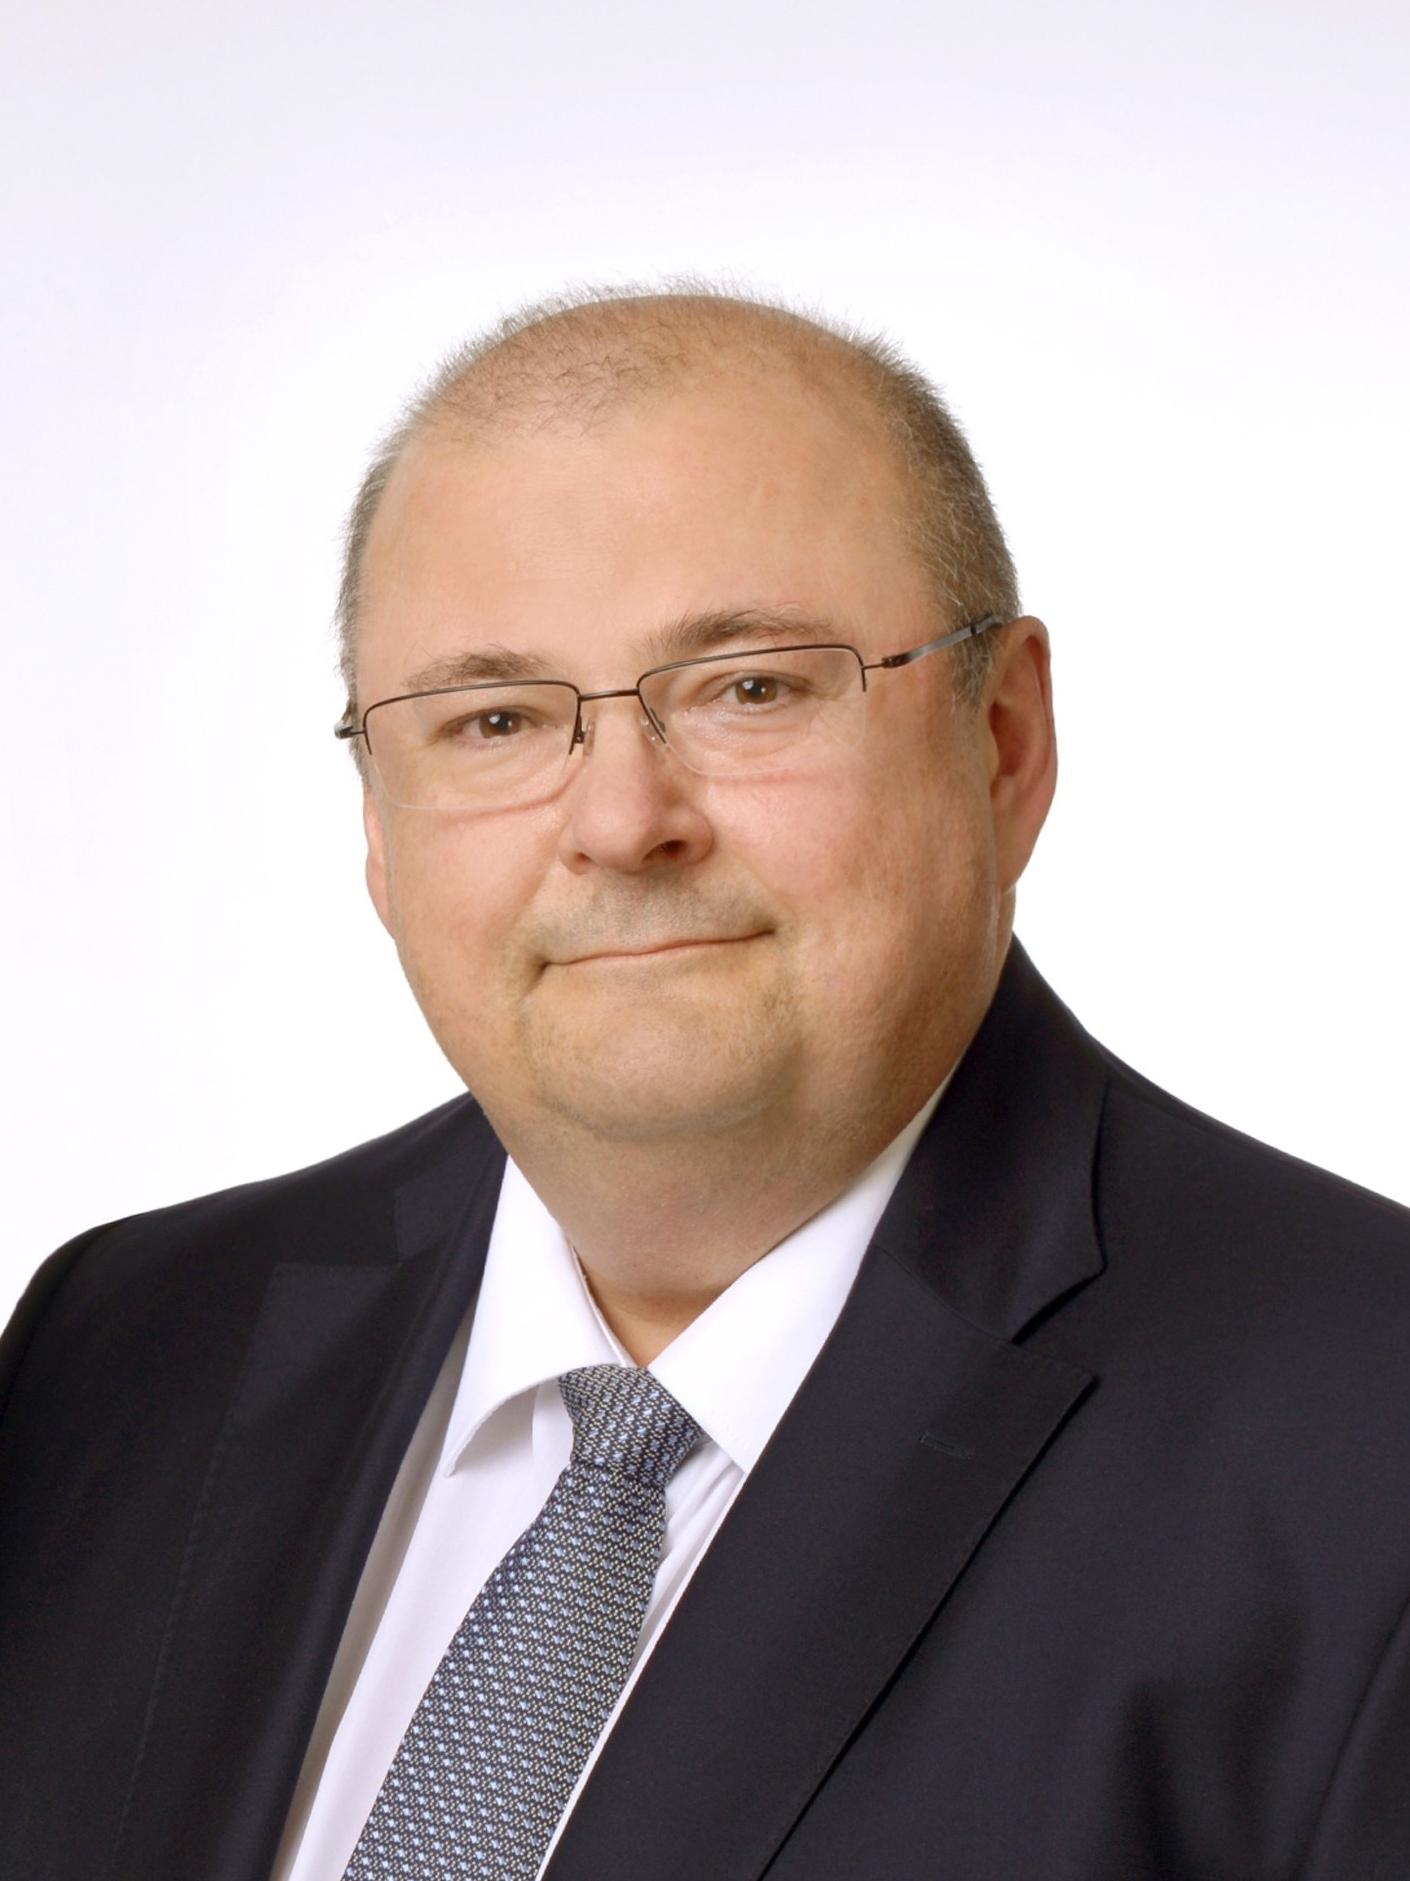 Jürgen Bayreuther - Vorstandsmitglied